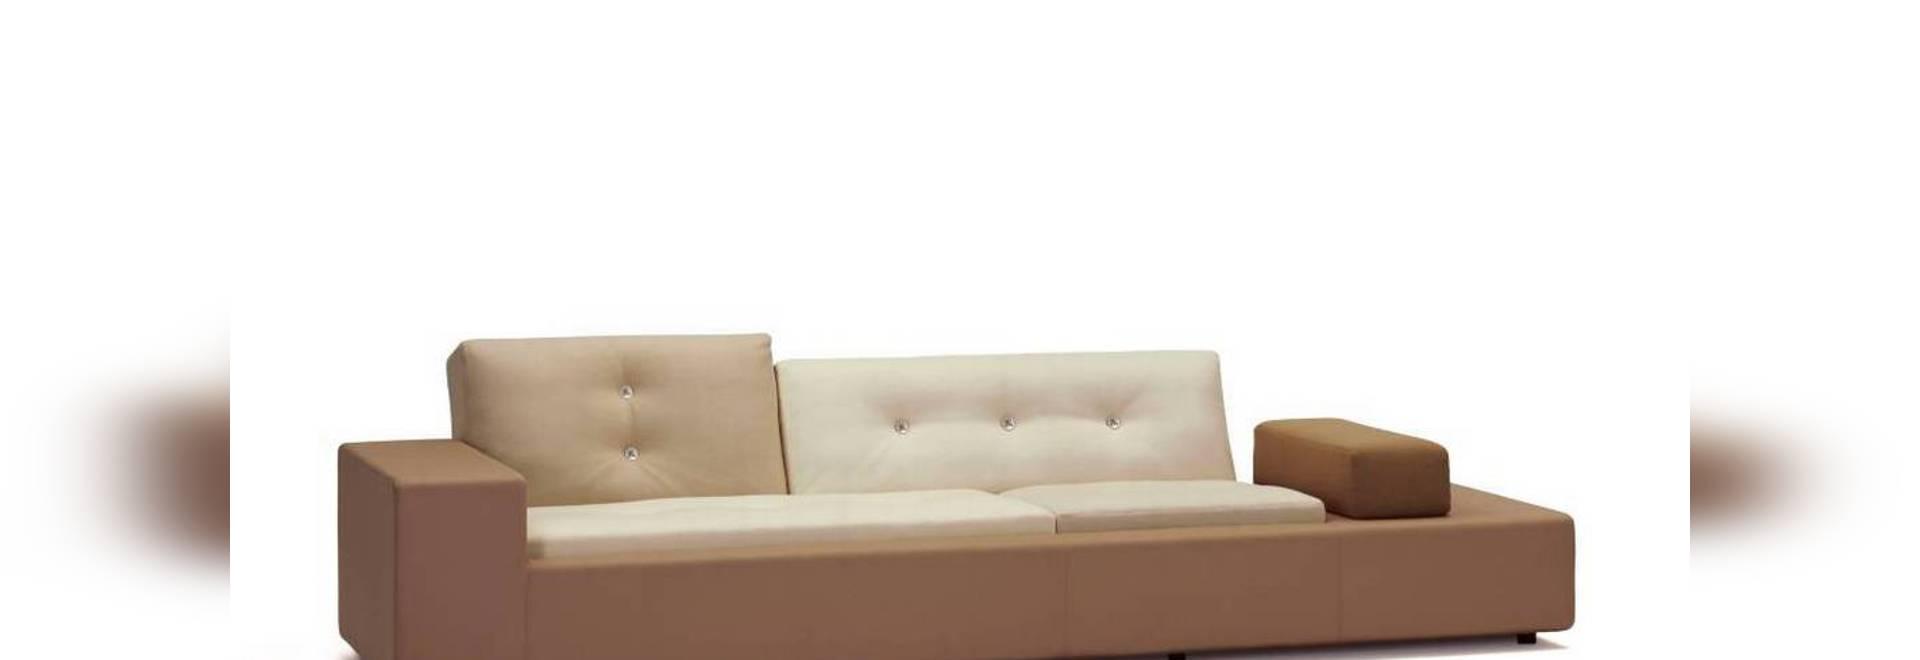 The original Polder sofa designed in 2005